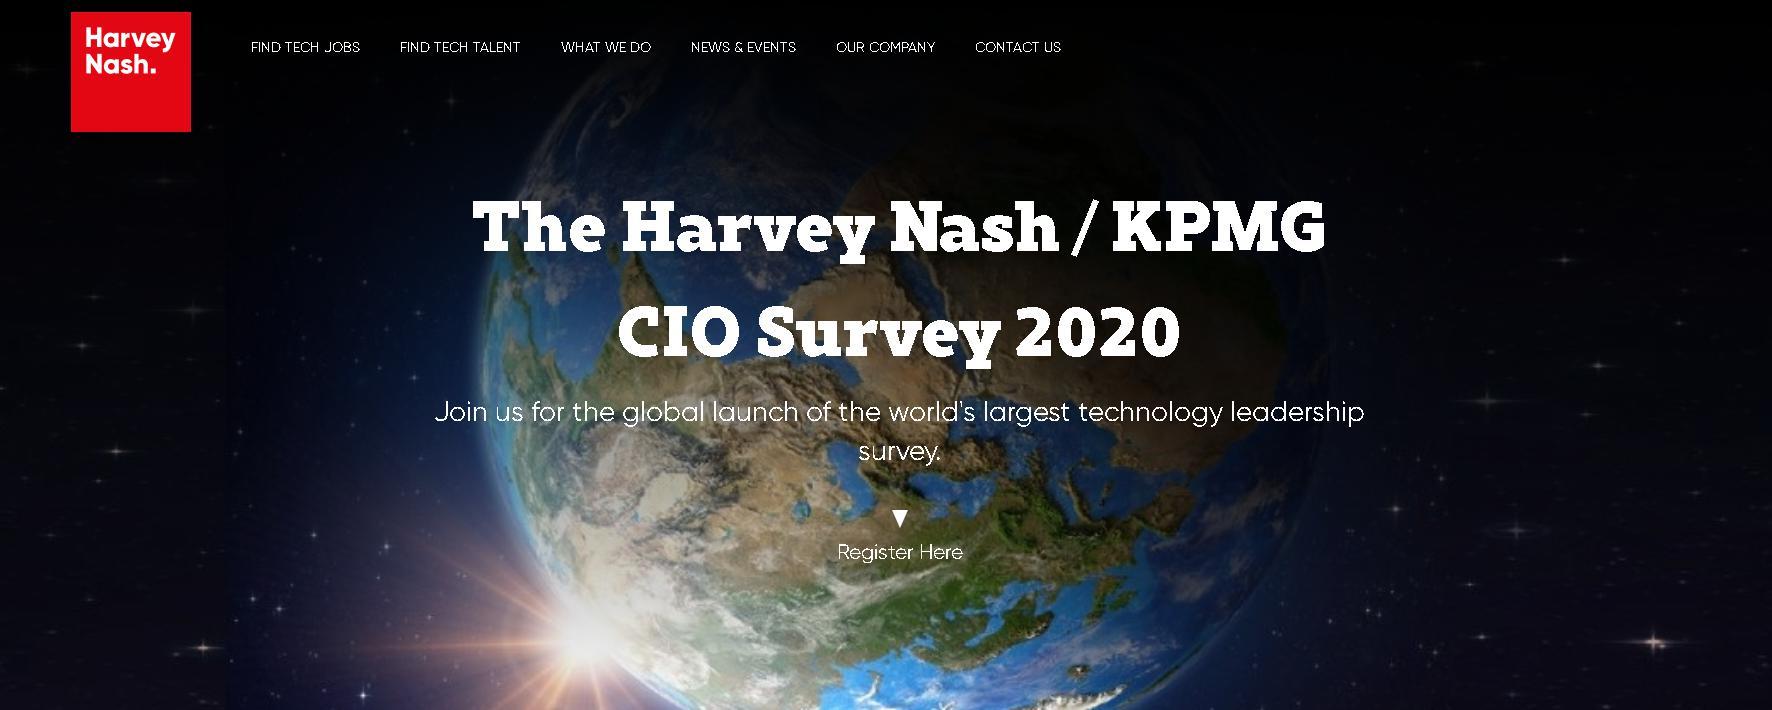 Công ty công nghệ phần mềm Harvey Nash